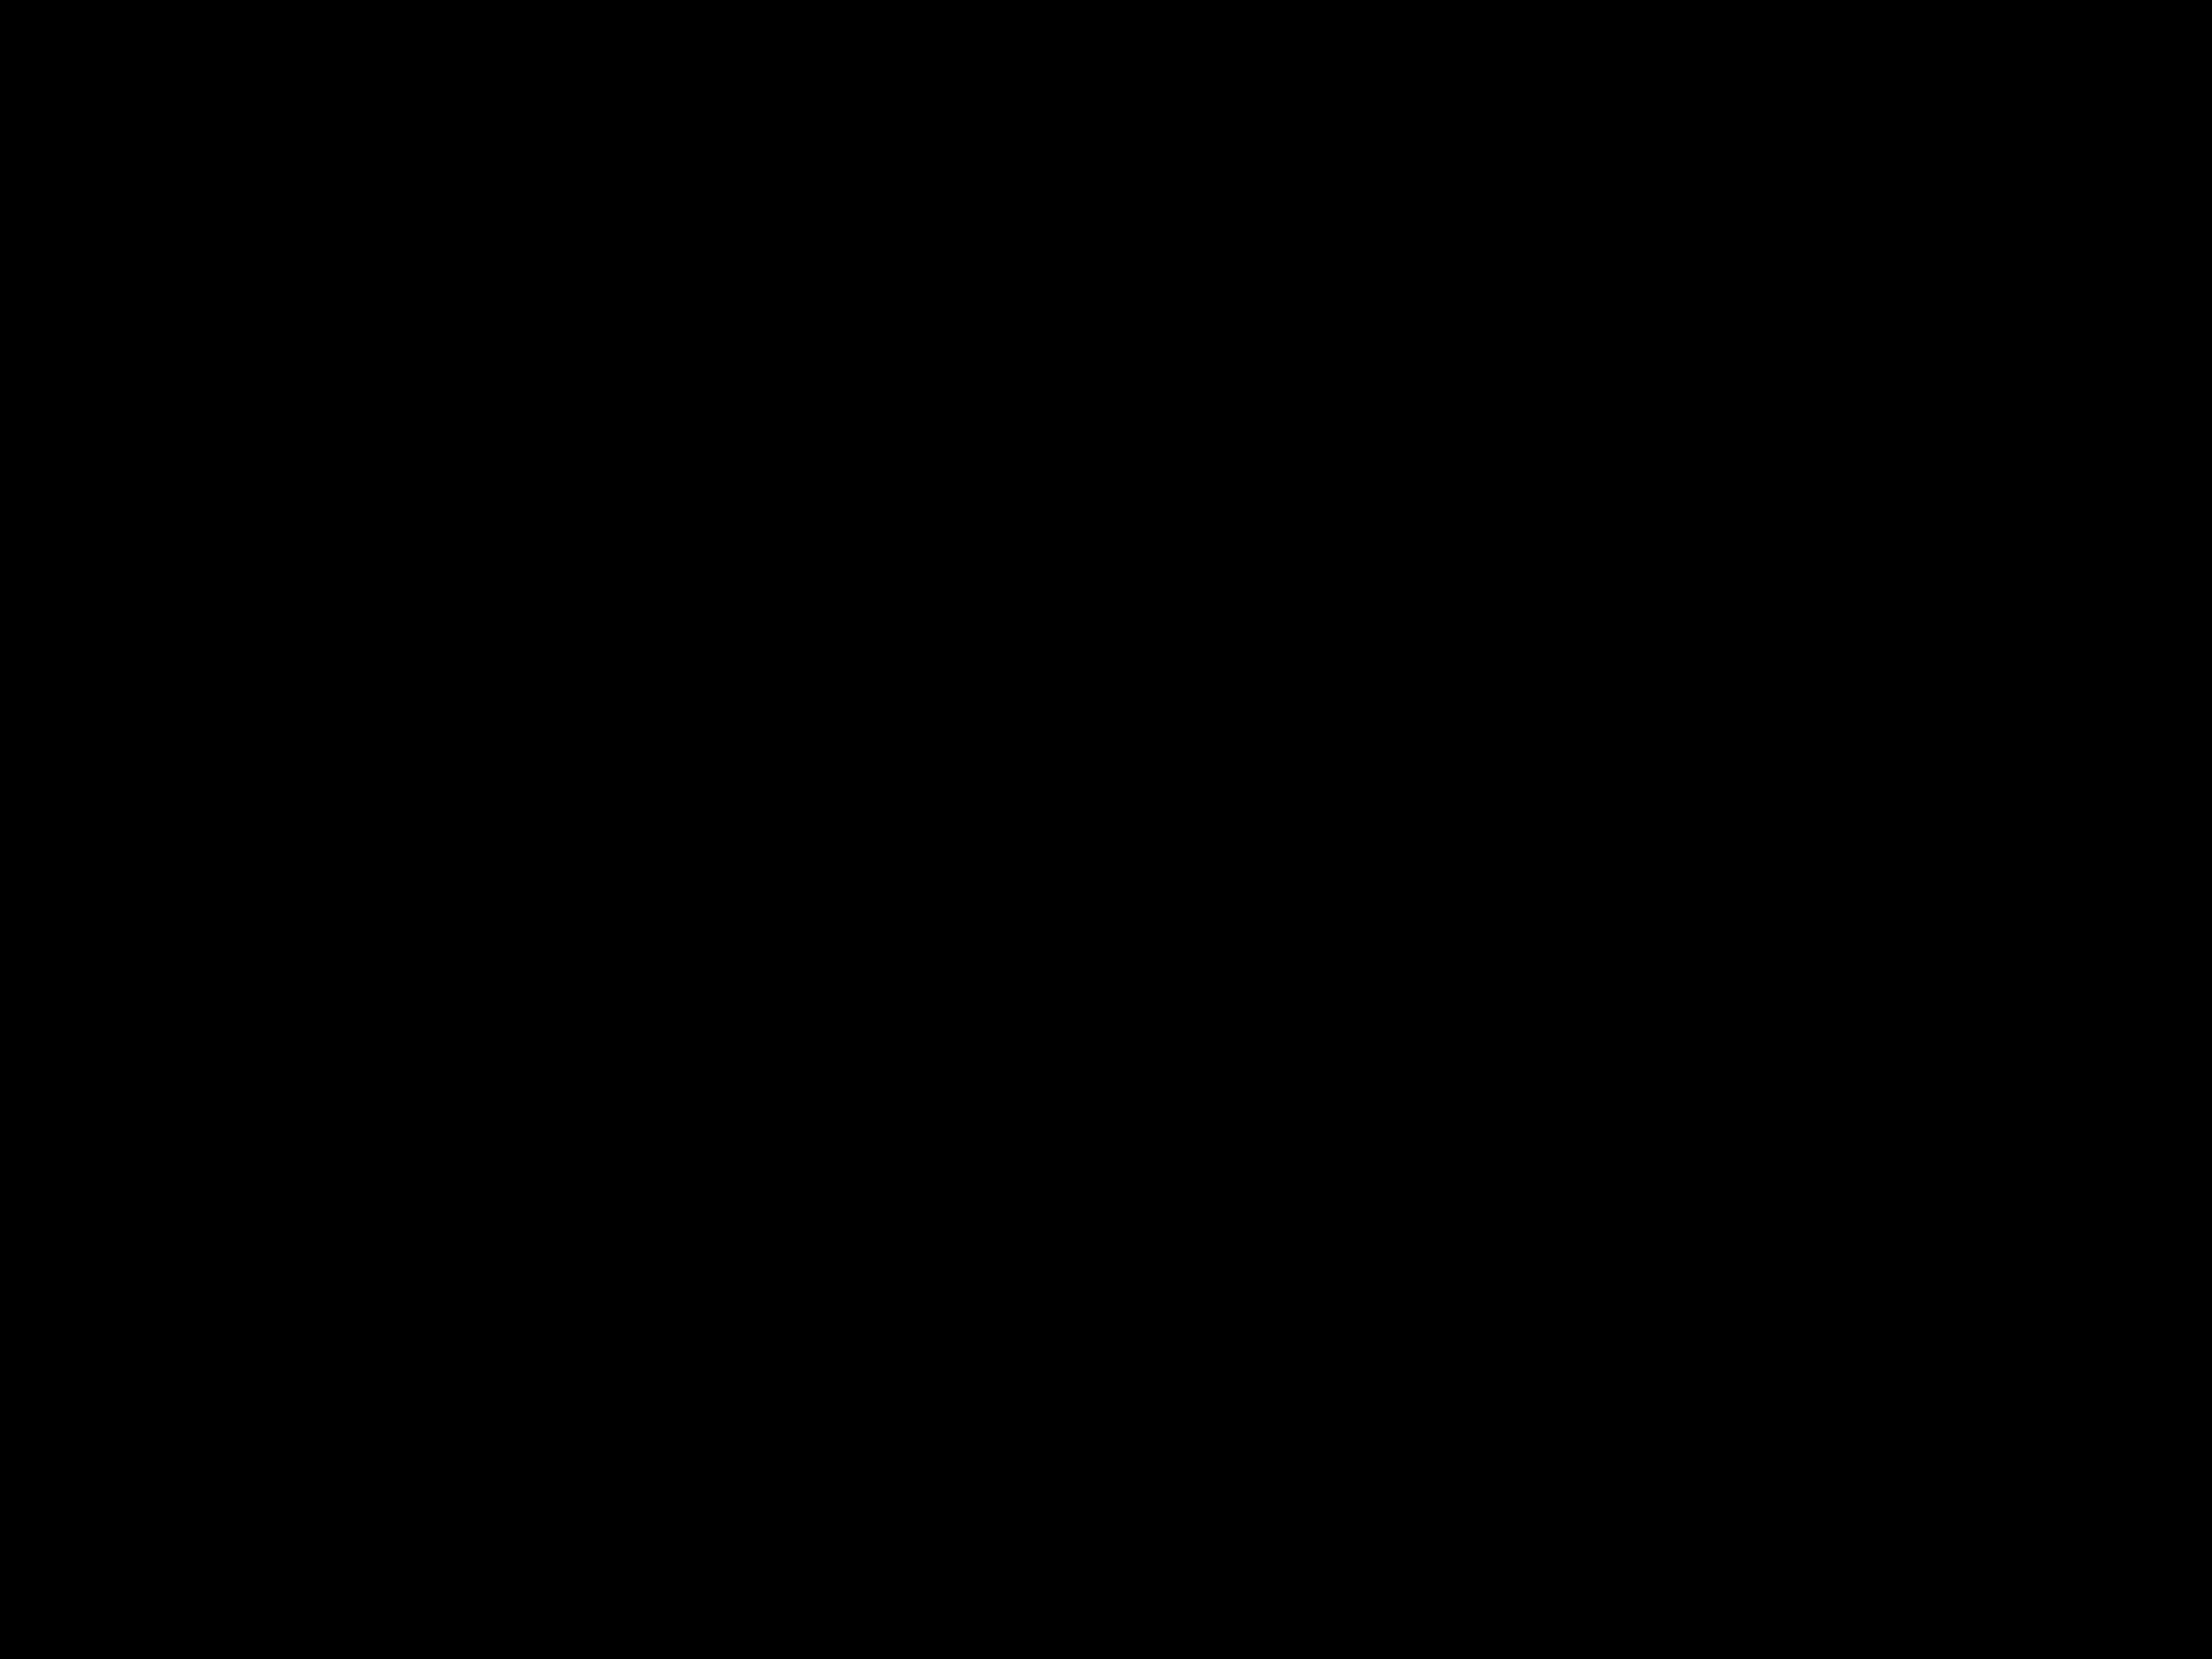 pv graf